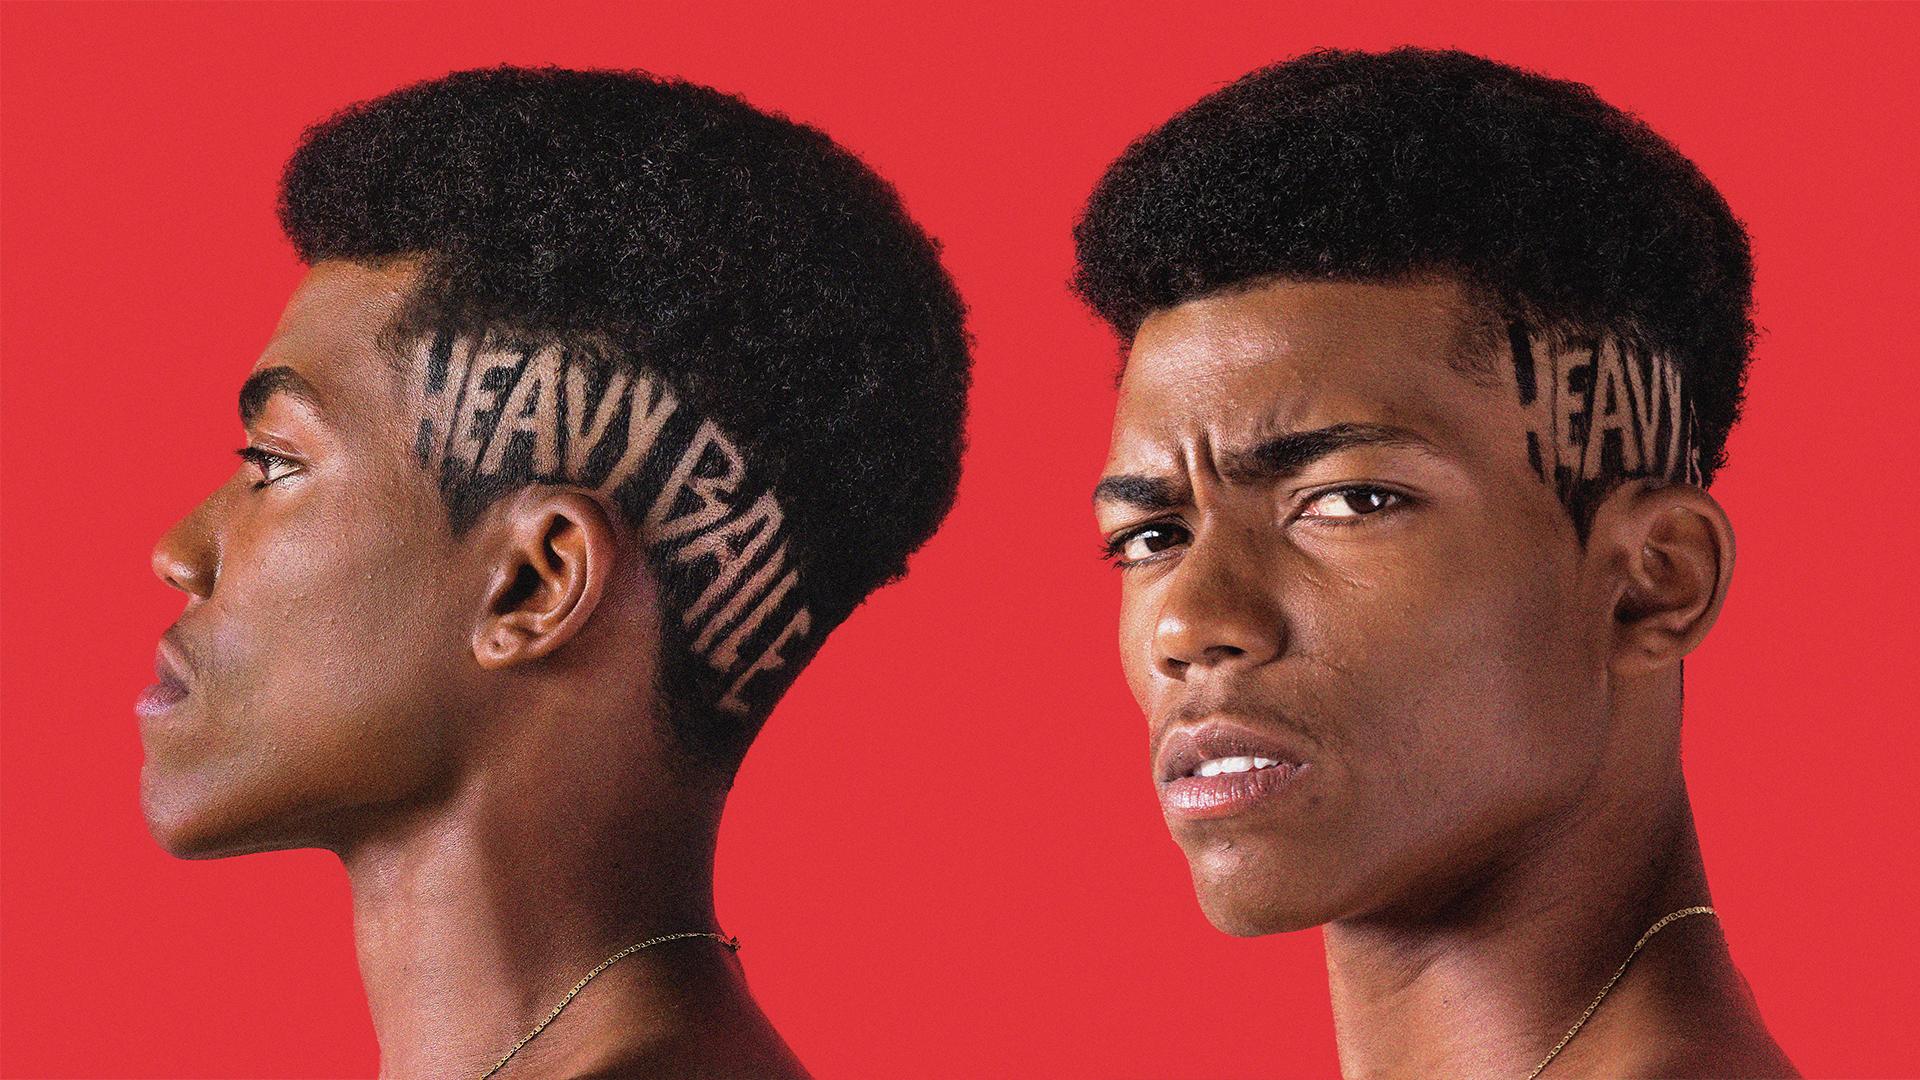 Fotos da capa do primeiro álbum de estúdio do grupo Heavy Baile, que tiveram direção de arte de Leandro Assis –